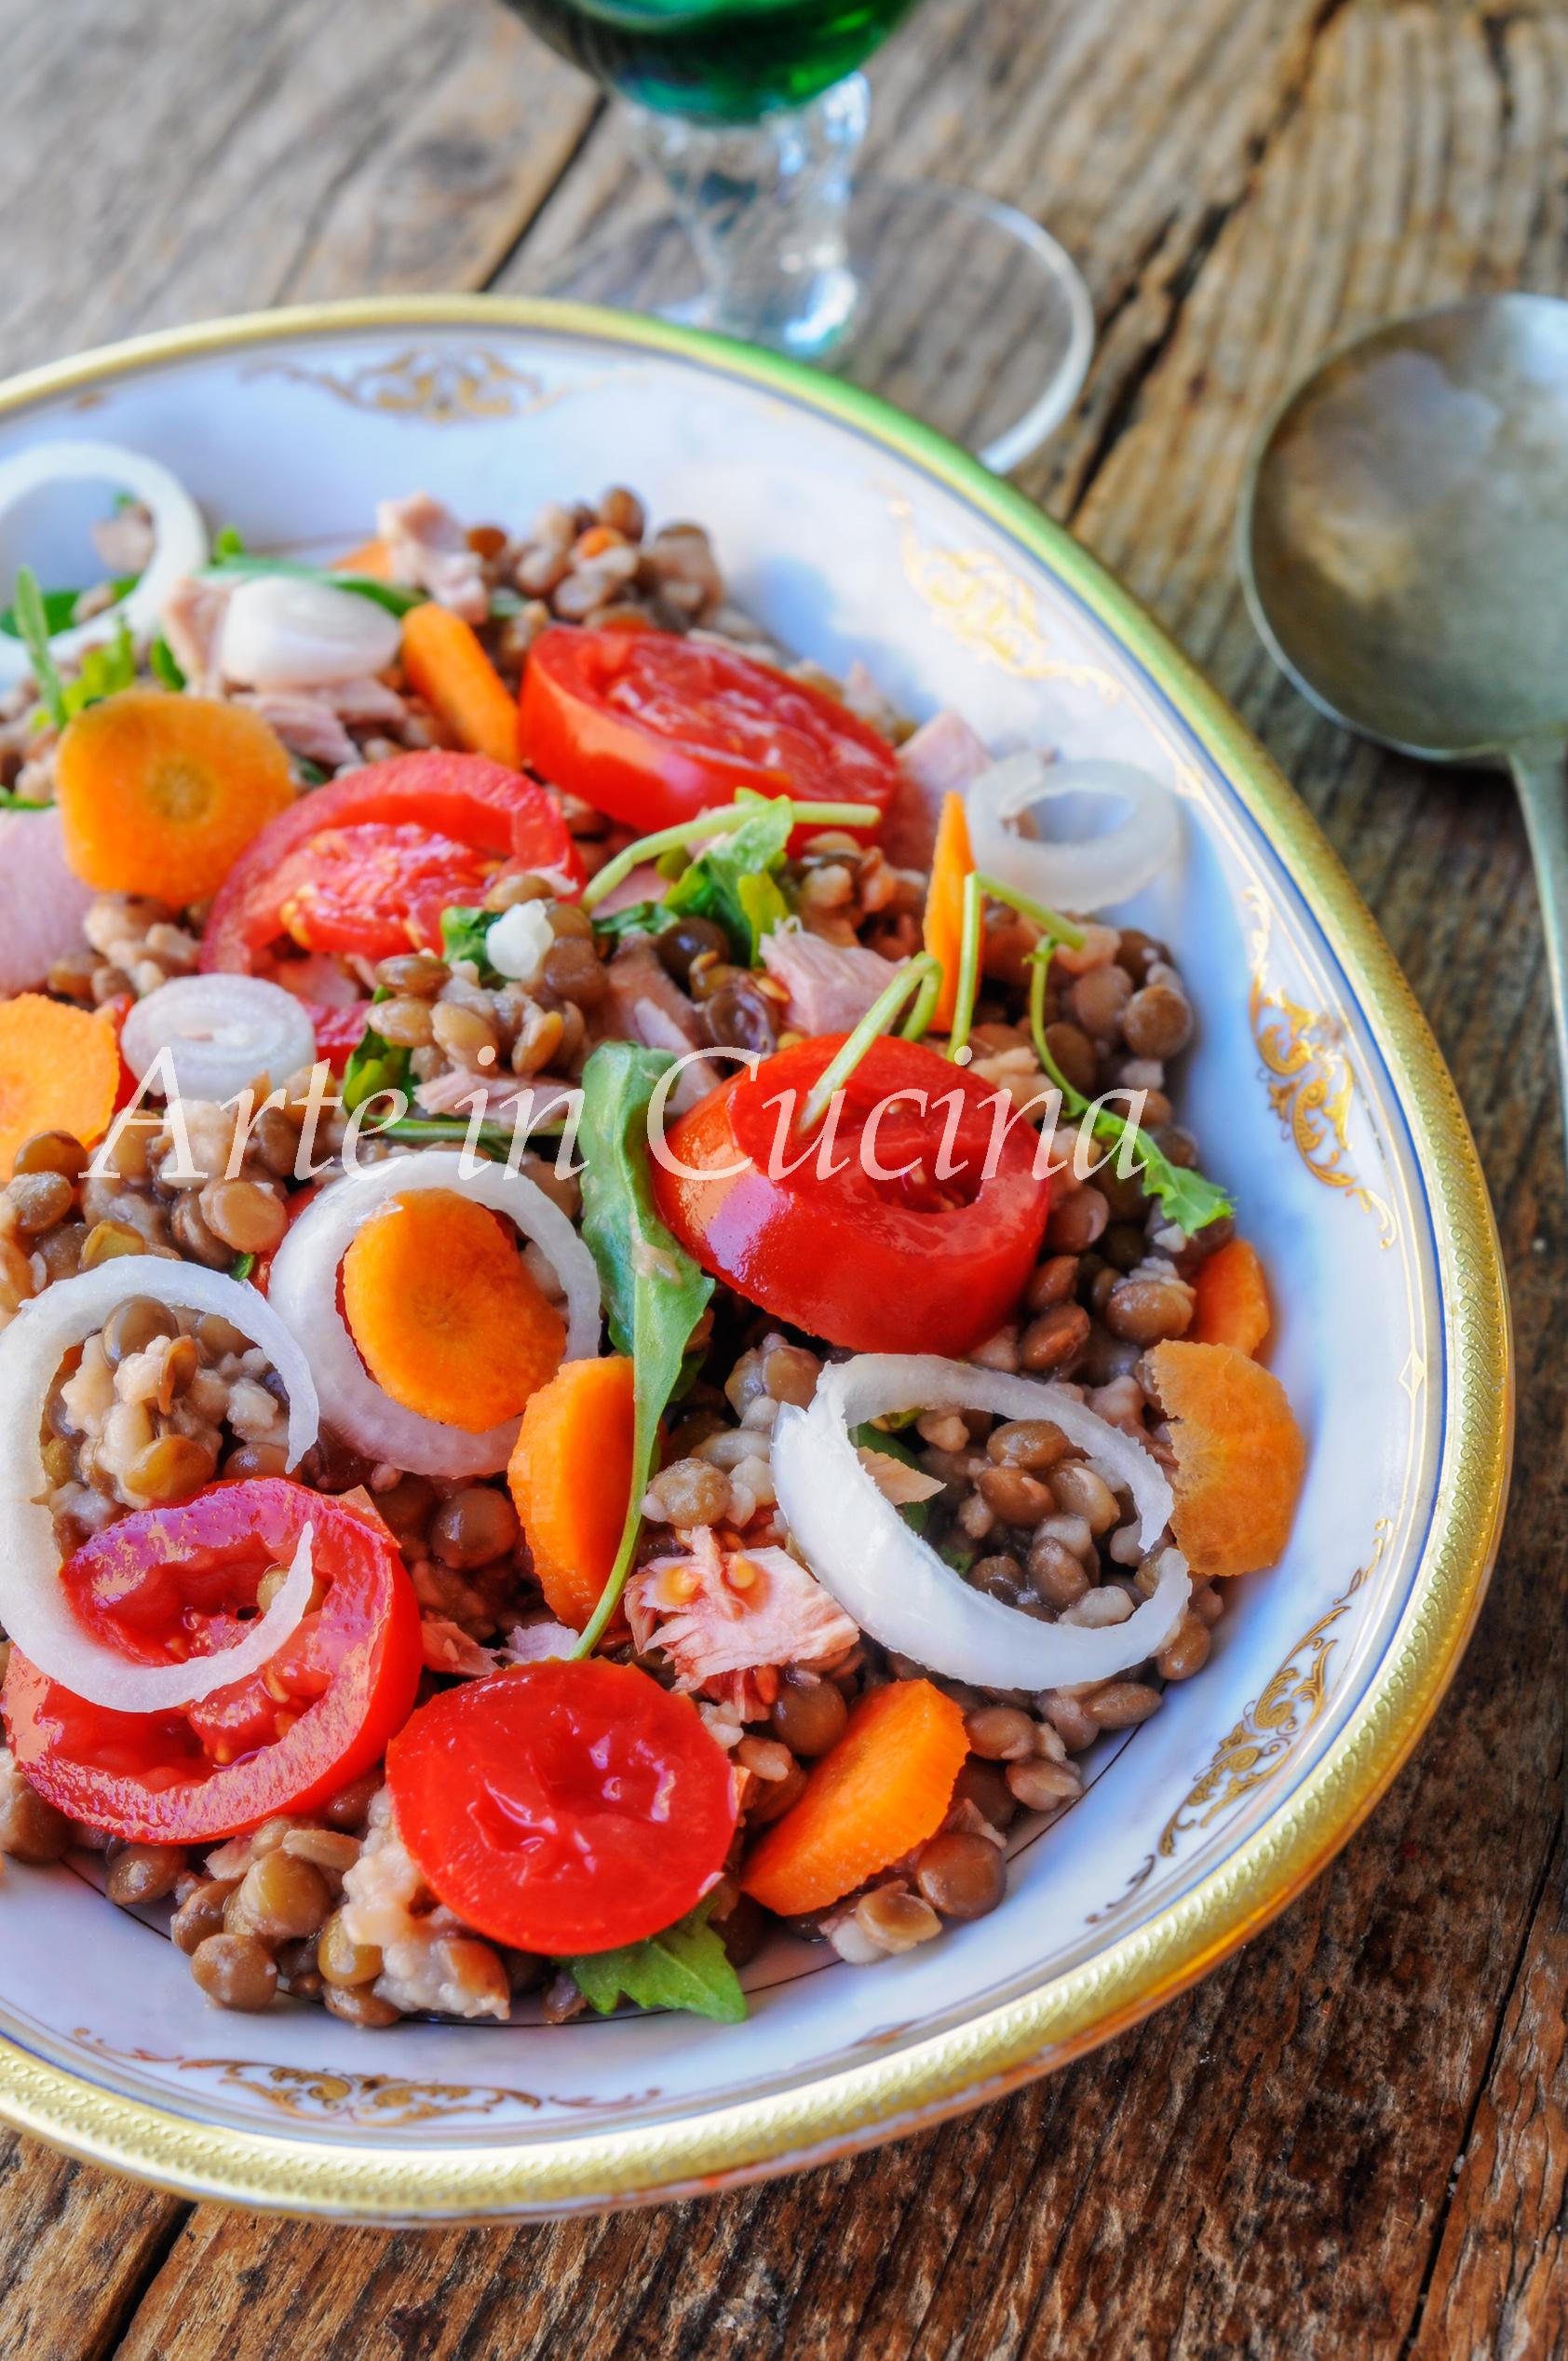 Insalata di lenticchie ricetta facile veloce leggera vickyart arte in cucina